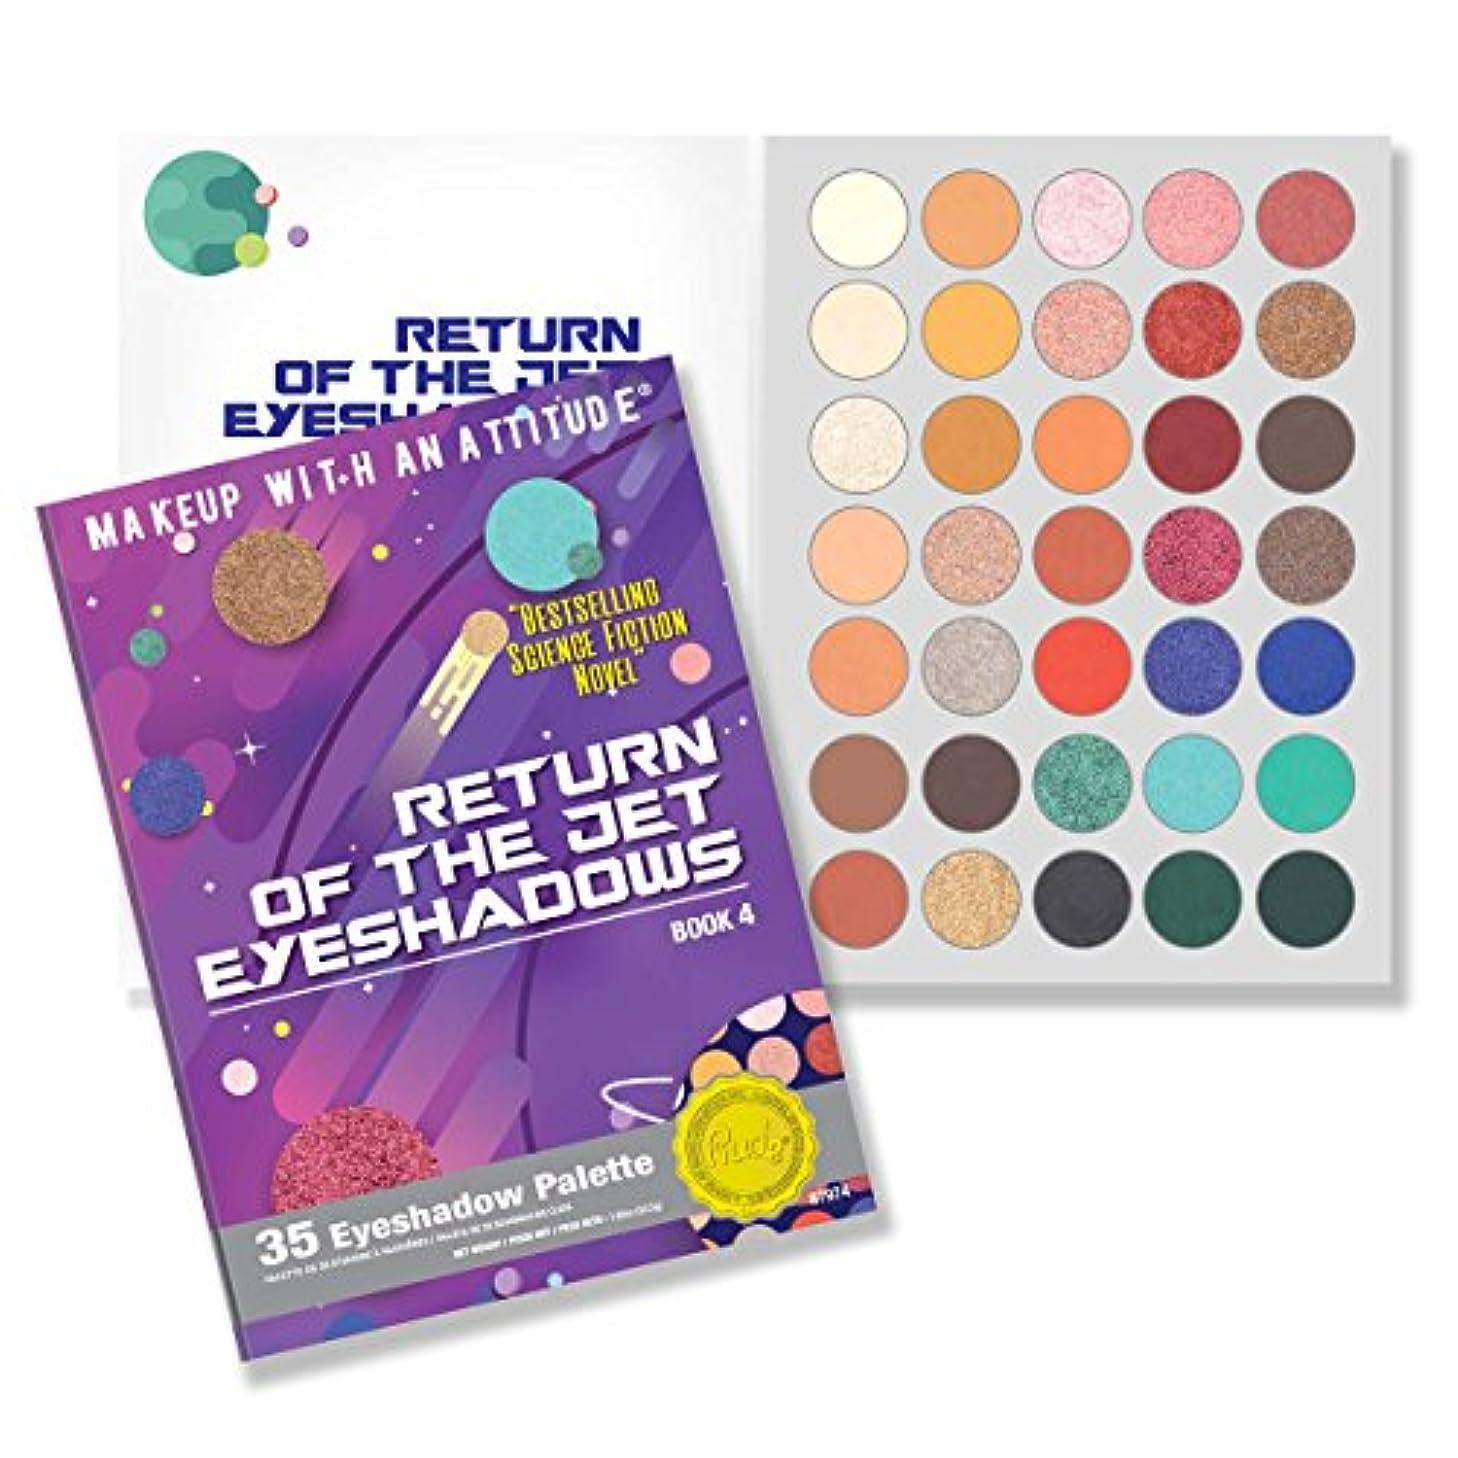 飛ぶ整理する測定可能(6 Pack) RUDE Return Of The Jet Eyeshadows 35 Eyeshadow Palette - Book 4 (並行輸入品)